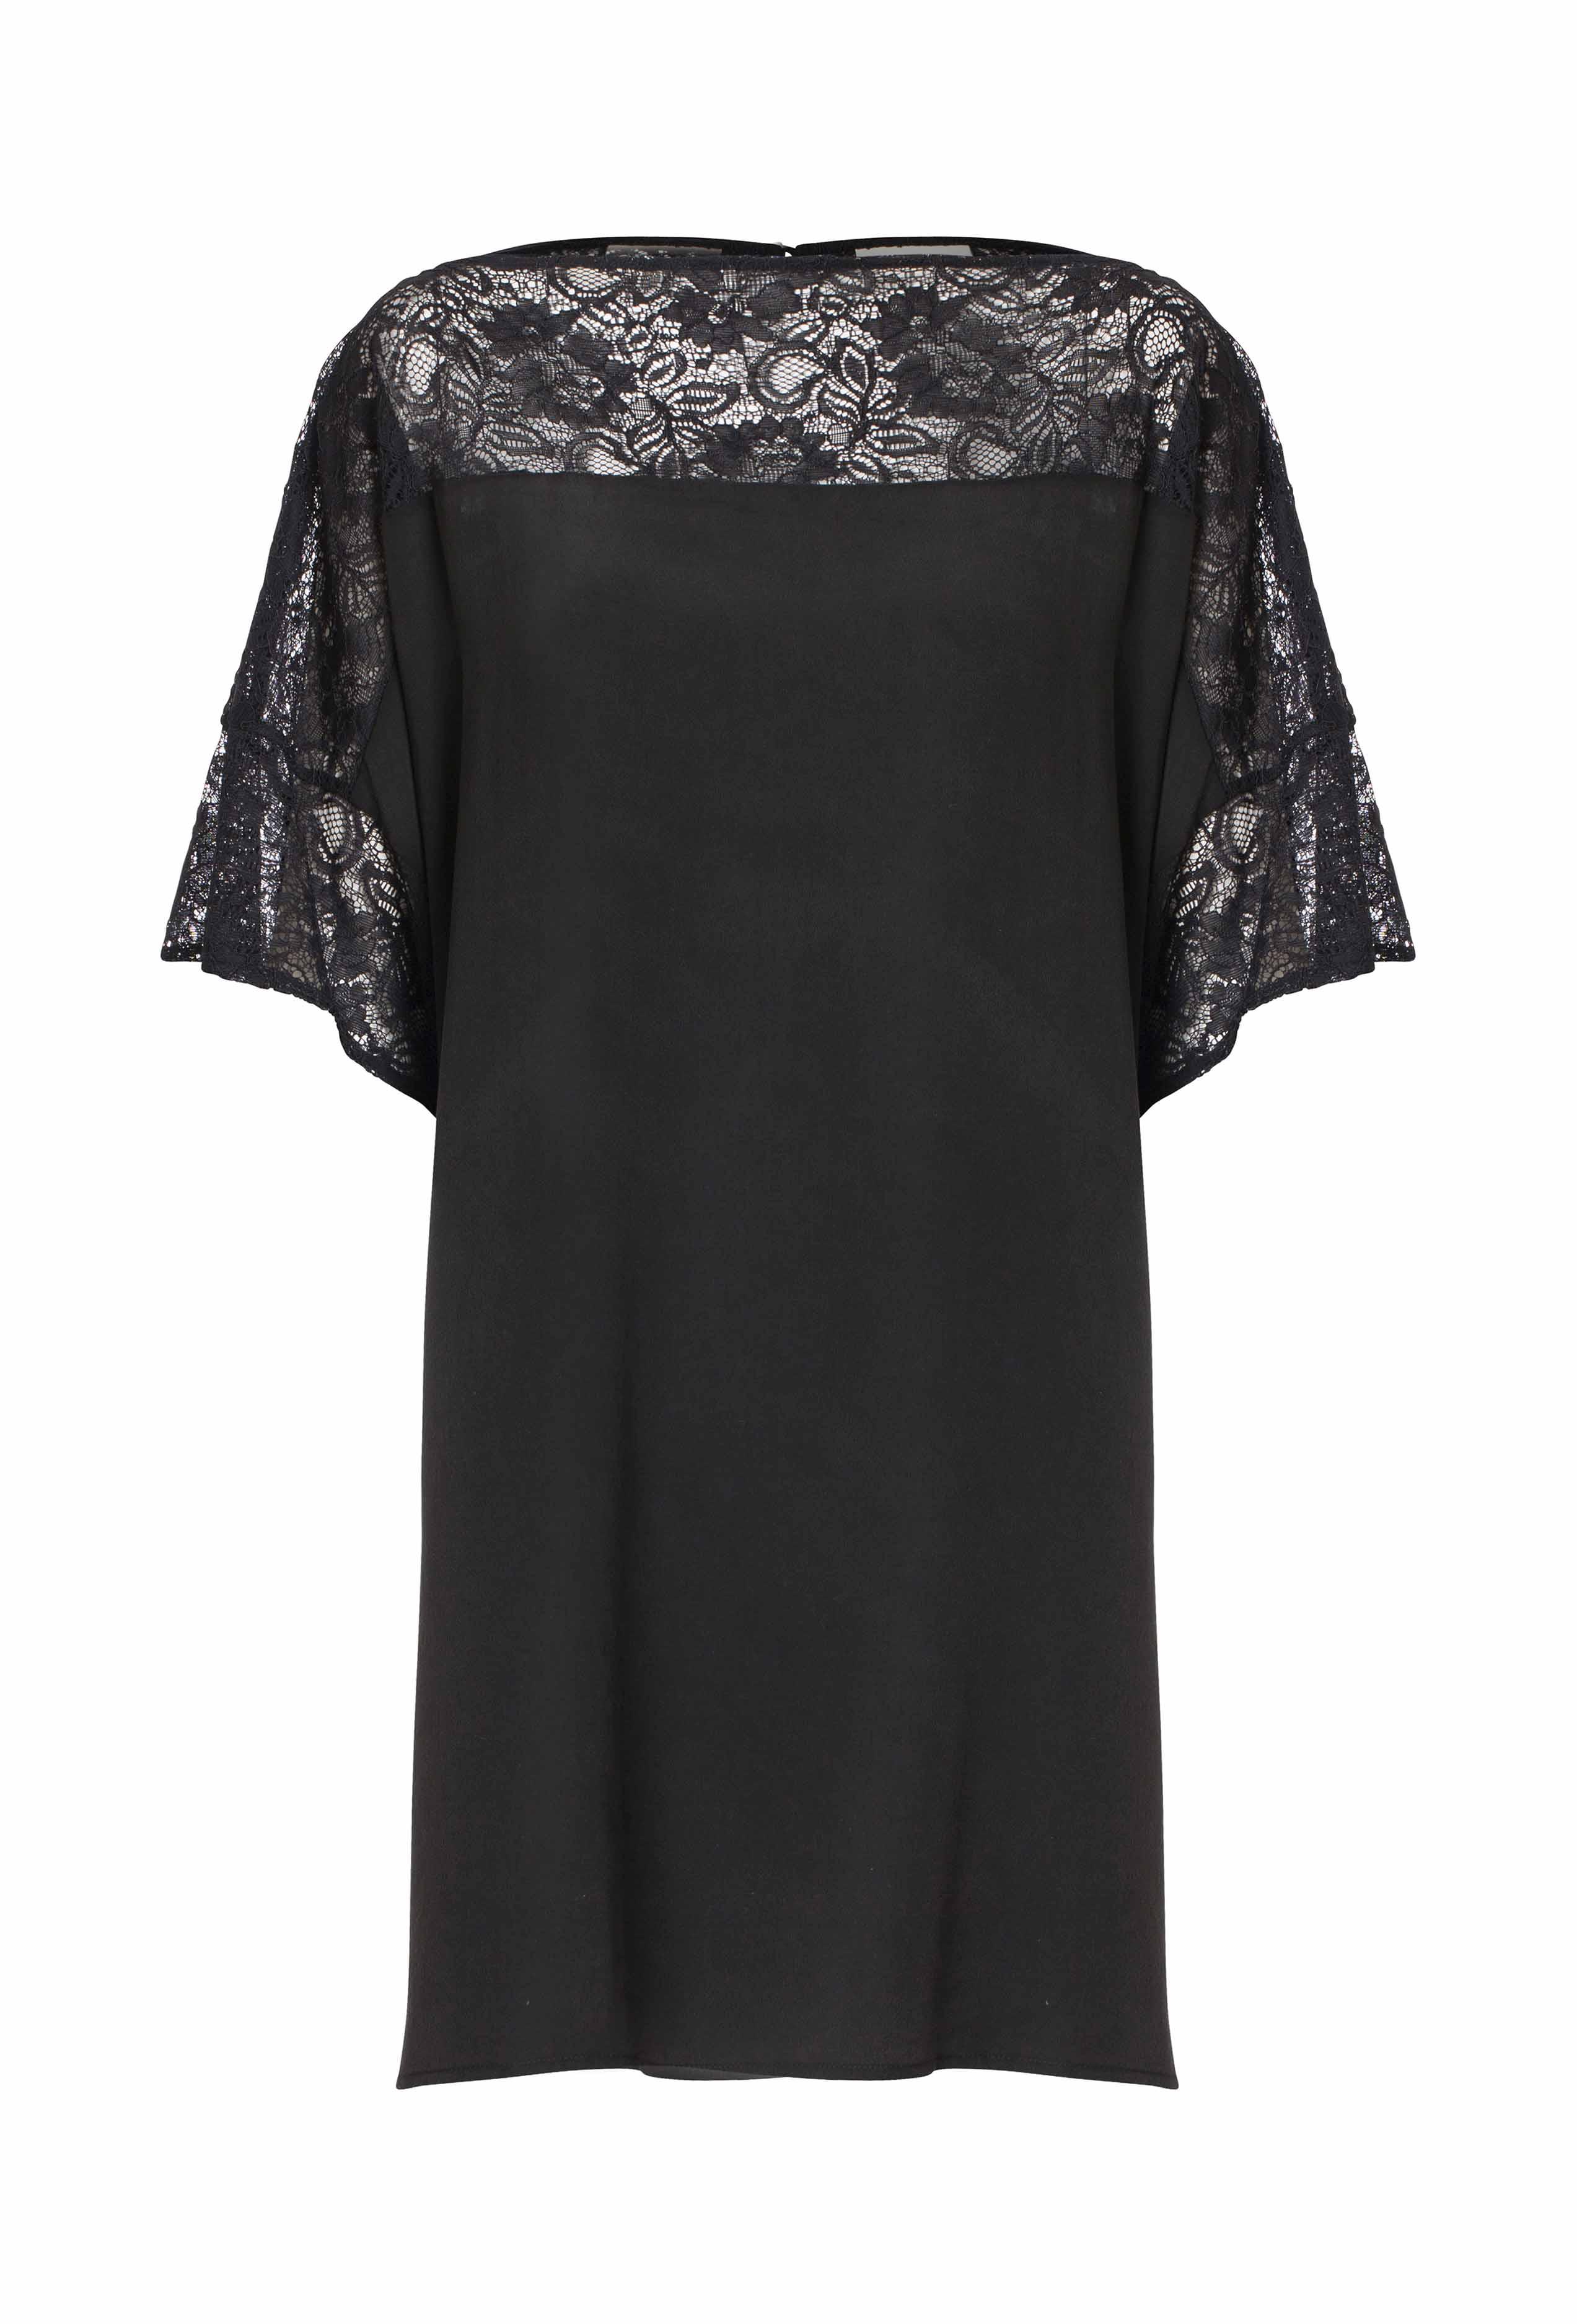 Billede af Ganni kjole, F0718, sort